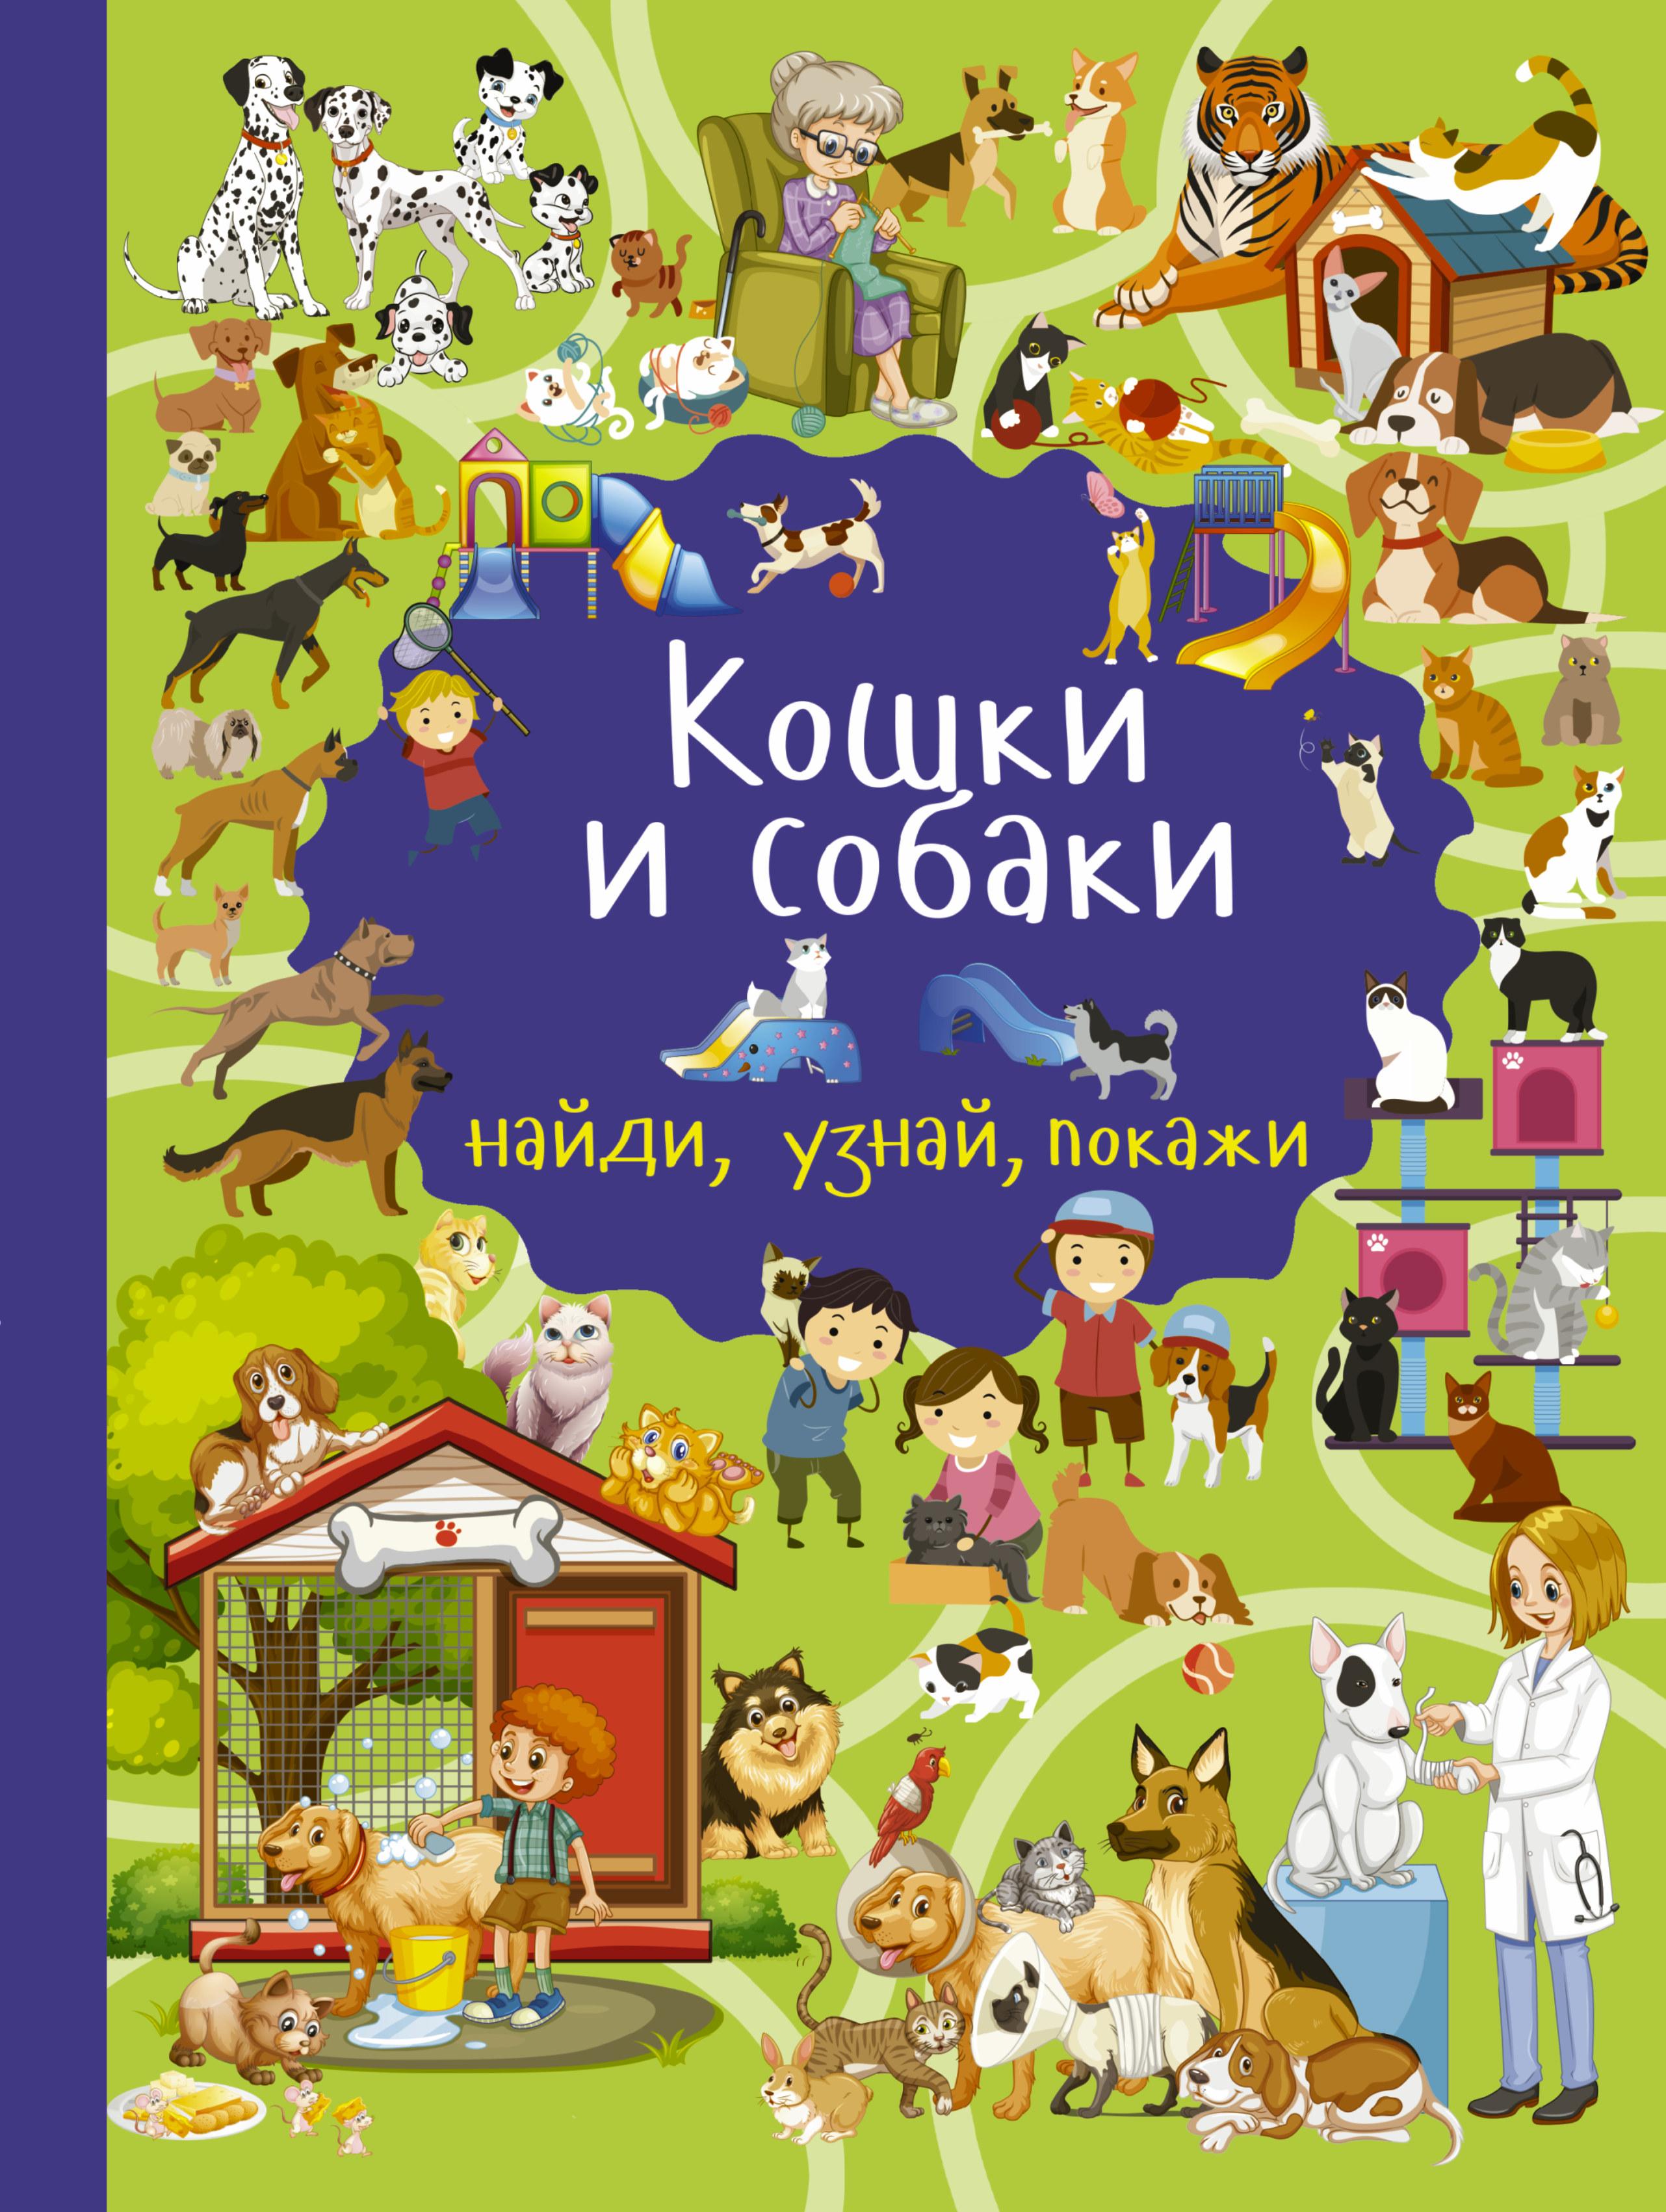 Дорошенко М.А. Кошки и собаки дорошенко ю кошки и собаки